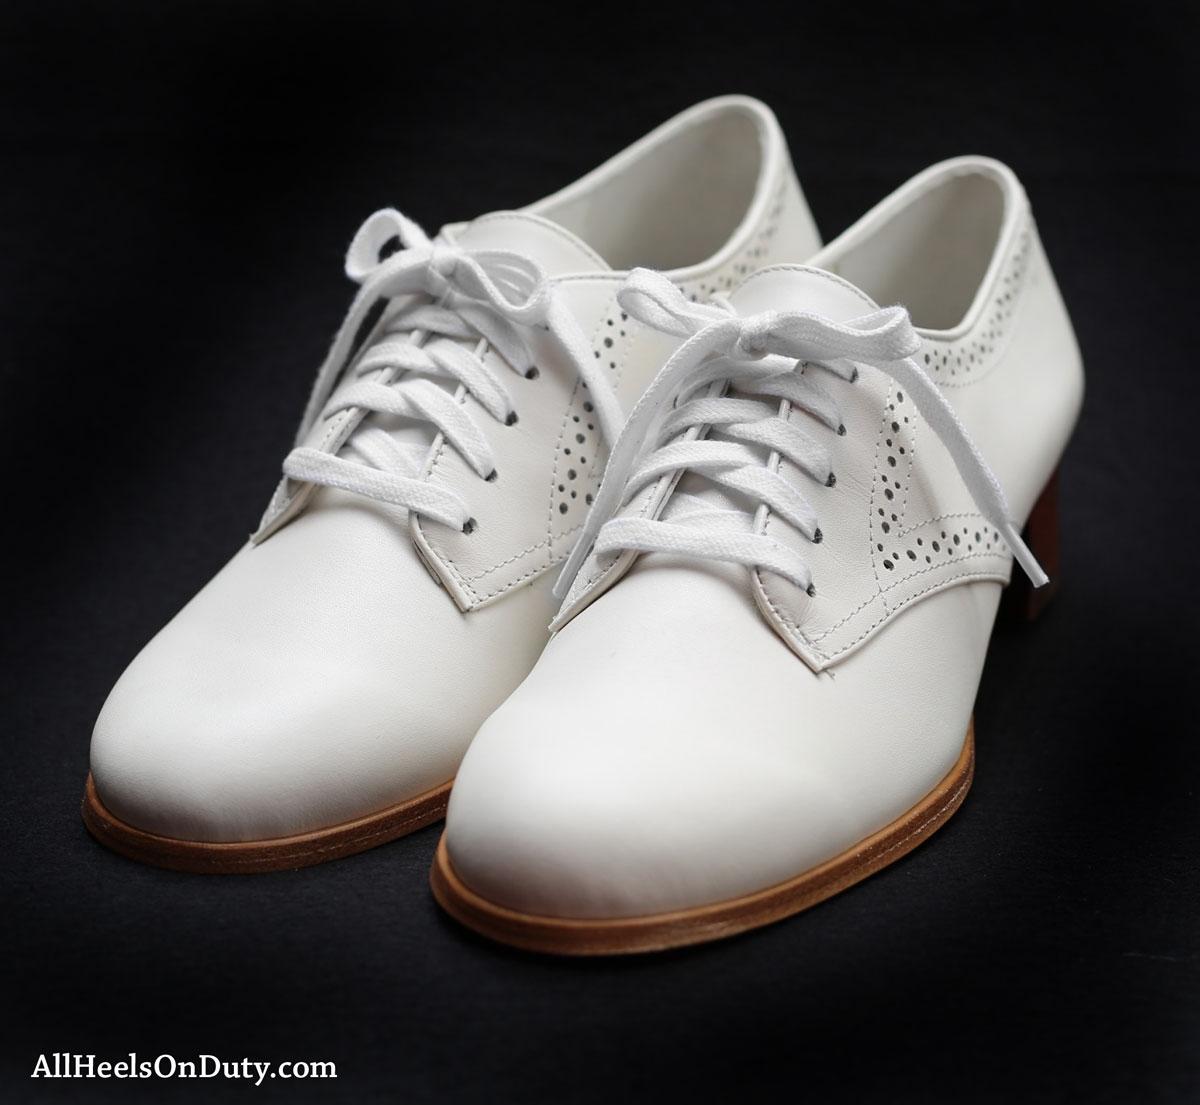 bdc39791b3b7d White O.A.O. Oxfords